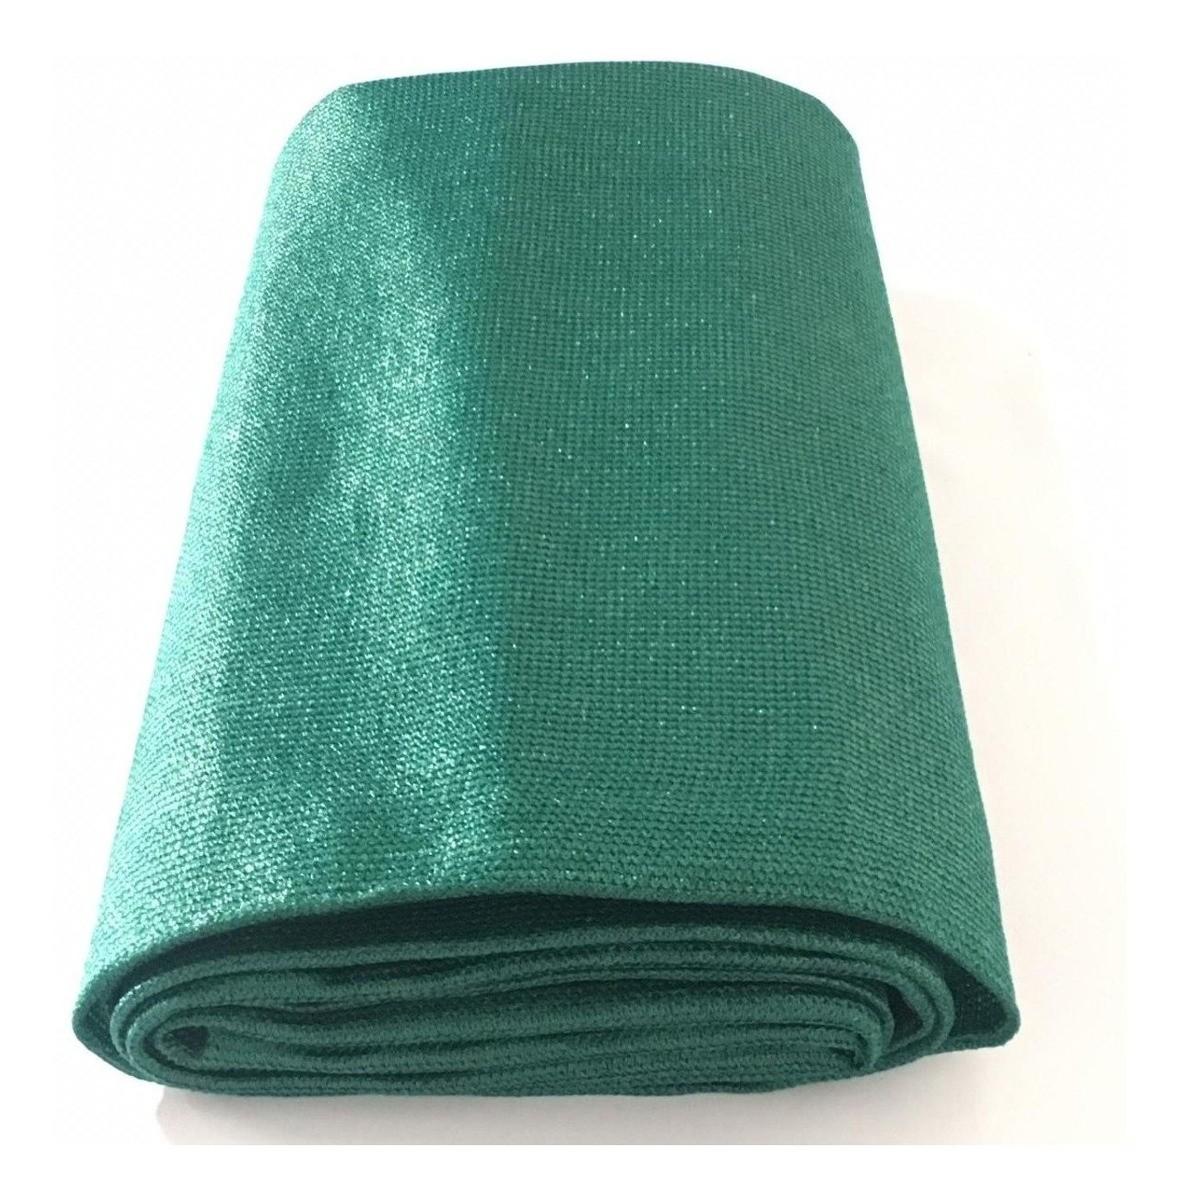 Tela Shade Sombrite Toldo Decorativa Verde Com Bainha e Ilhós 5x9m